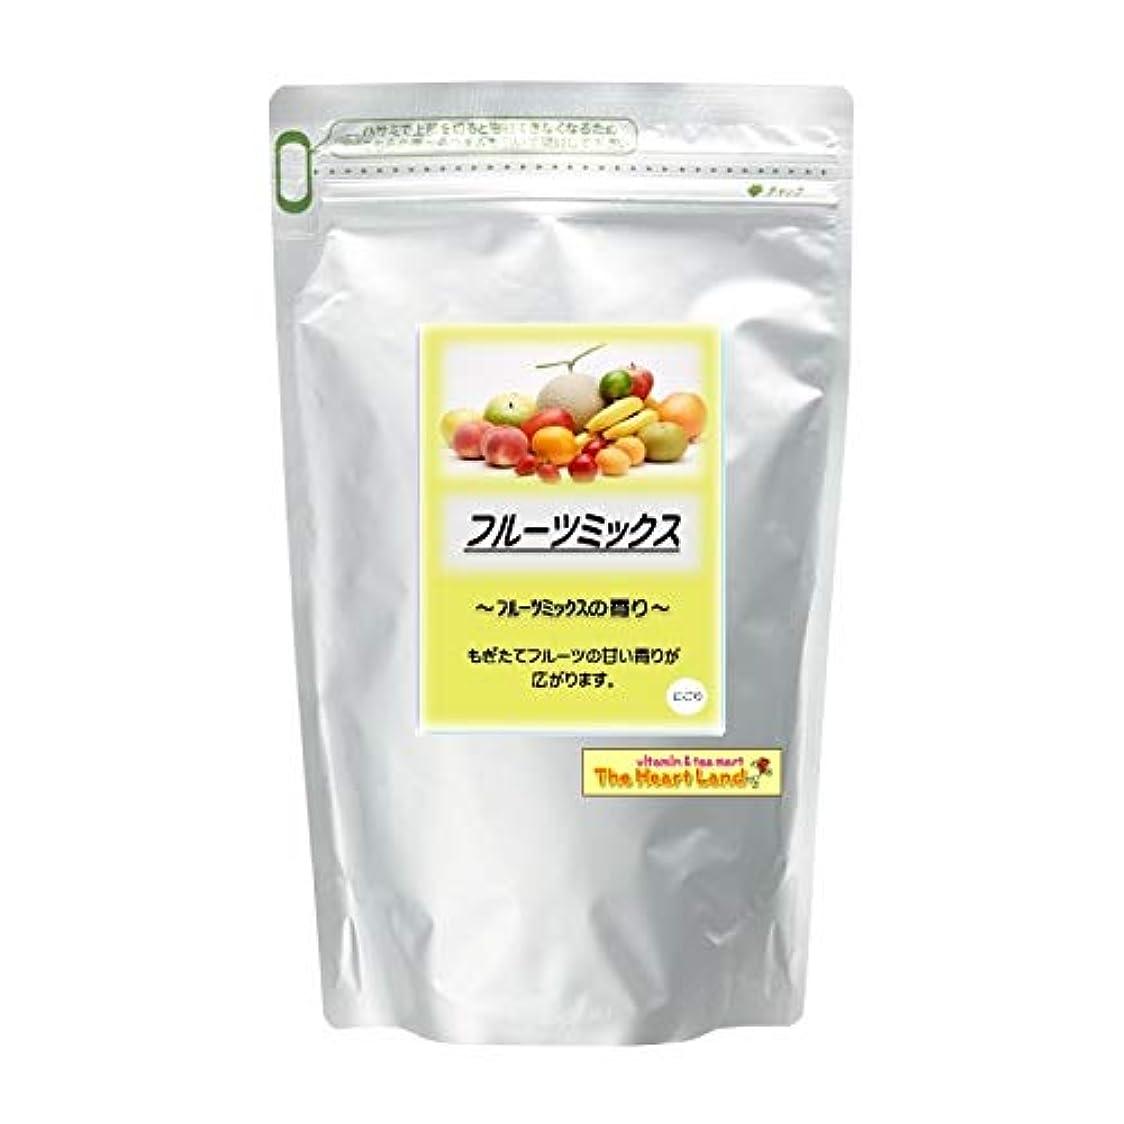 競争力のある破壊的ラップアサヒ入浴剤 浴用入浴化粧品 フルーツミックス 300g